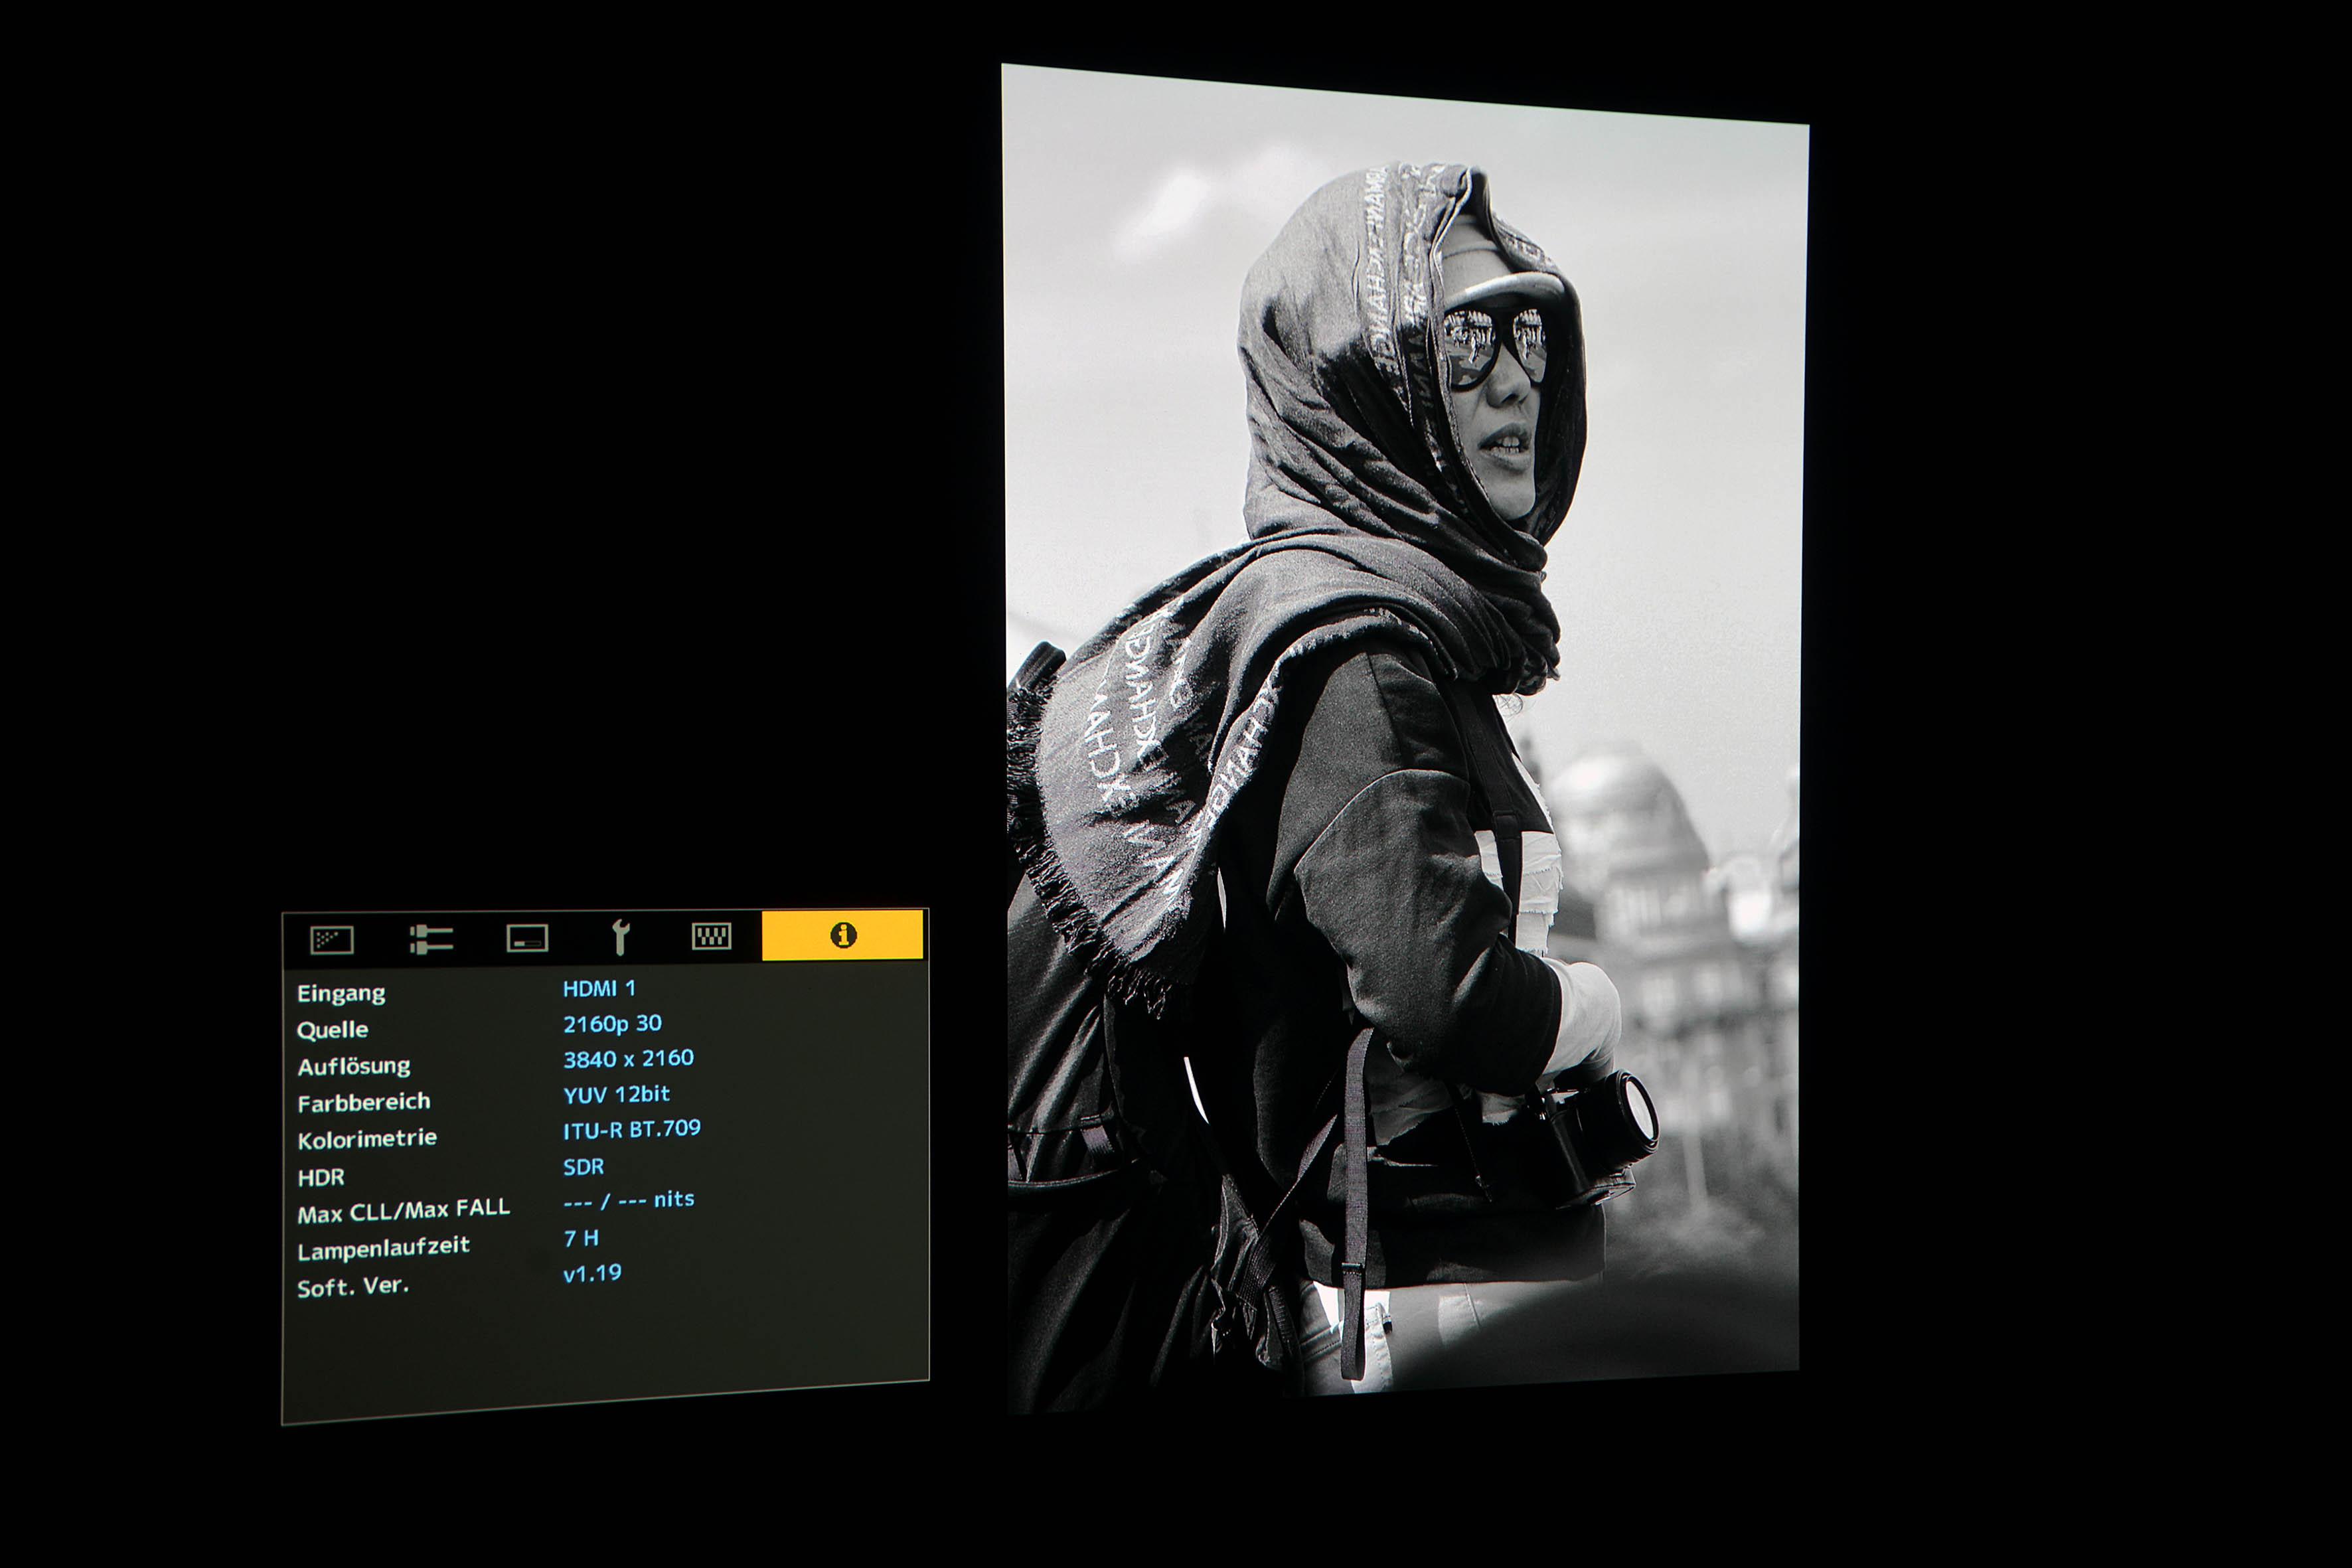 Foto: Michael B. Rehders - Diese Schwarz/Weiß-Fotoaufnahme habe ich in Prag geschossen. In nativer UHD-Auflösung besitzt das Tuch ganz feine Muster. Der JVC stellt diese Texturen ganz ohne Verfärbungen dar. Damit kann ich den N7 uneingeschränkt für Fotografen empfehlen, die Wert auf hochwertigste Präsentationen legen.